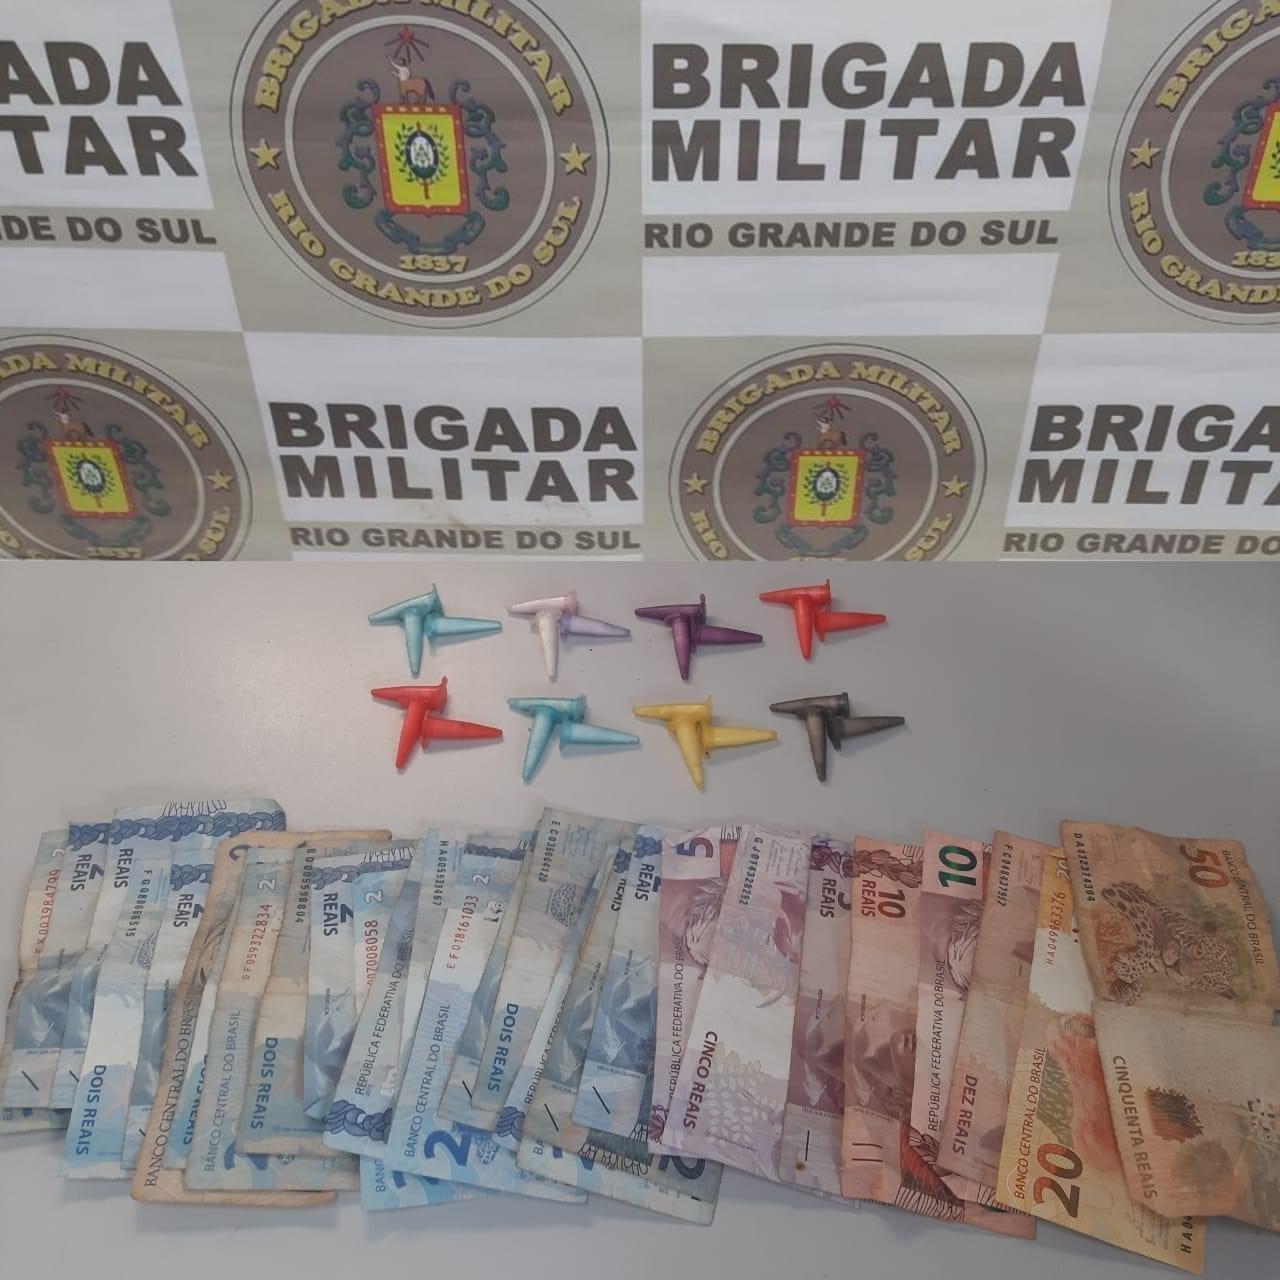 Dois homens são presos por tráfico de drogas no sábado (17) em Rio Grande